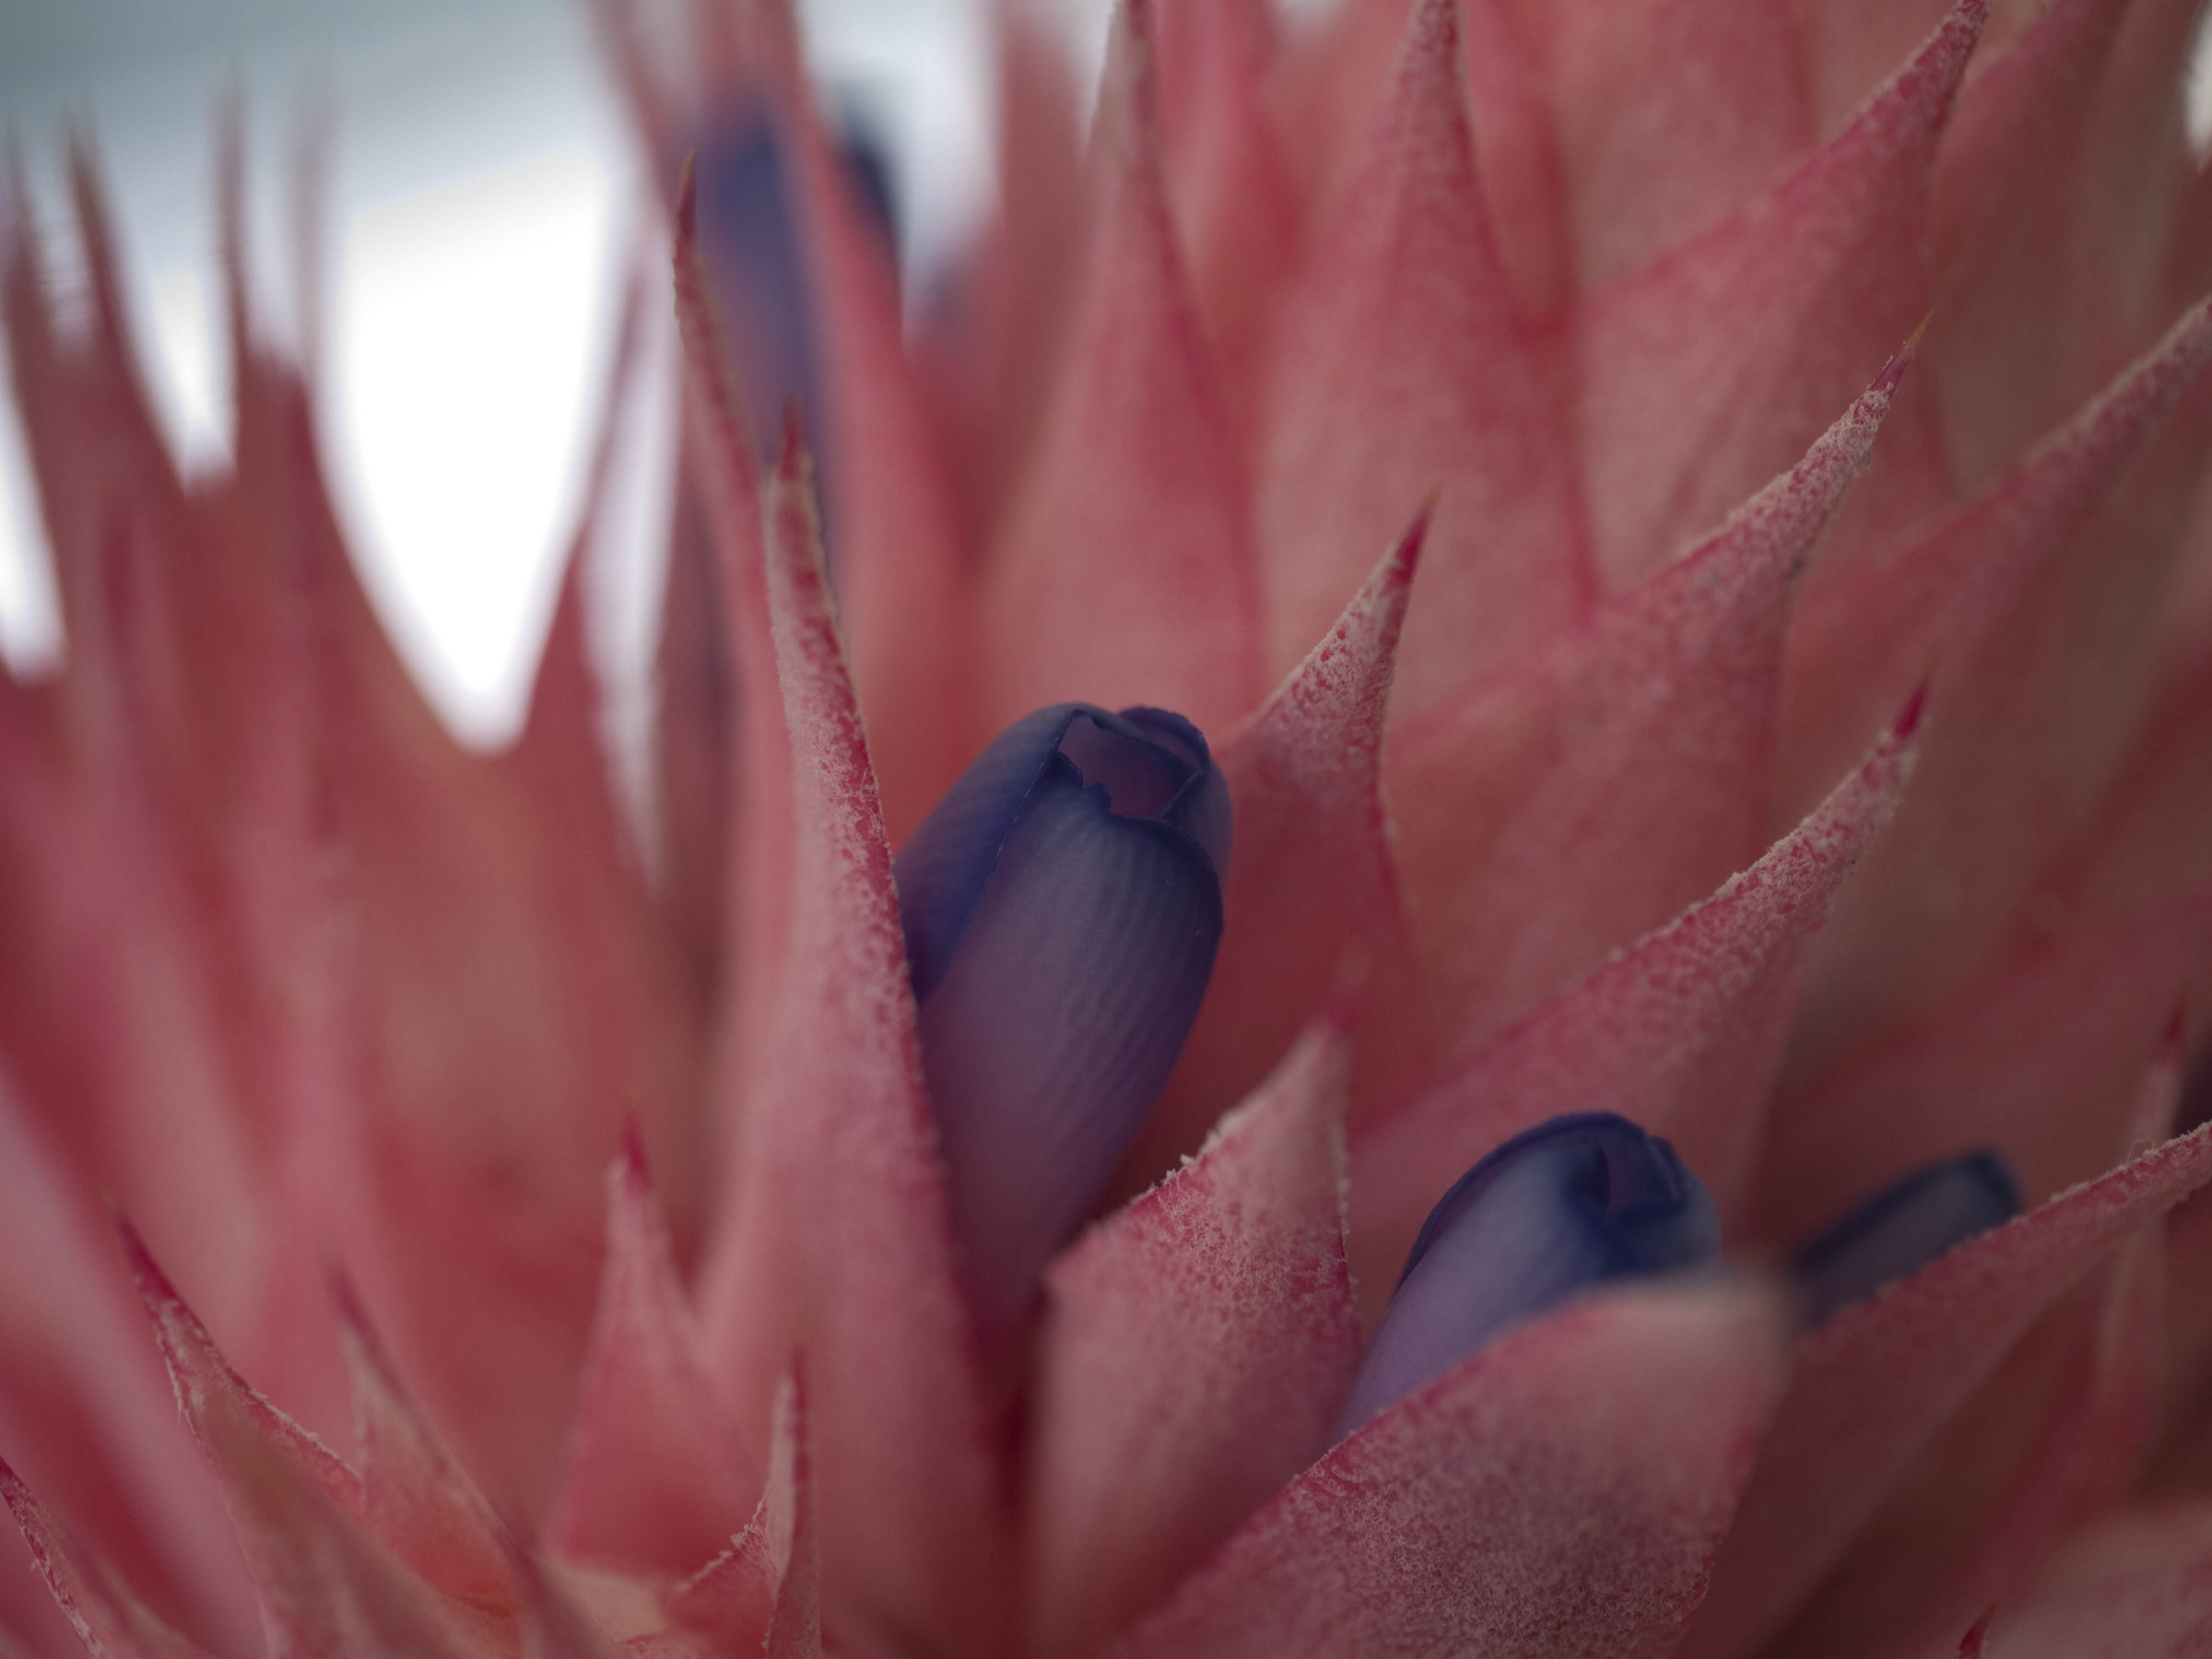 Bromeliad In Flower by Rich M in Regular Member Gallery